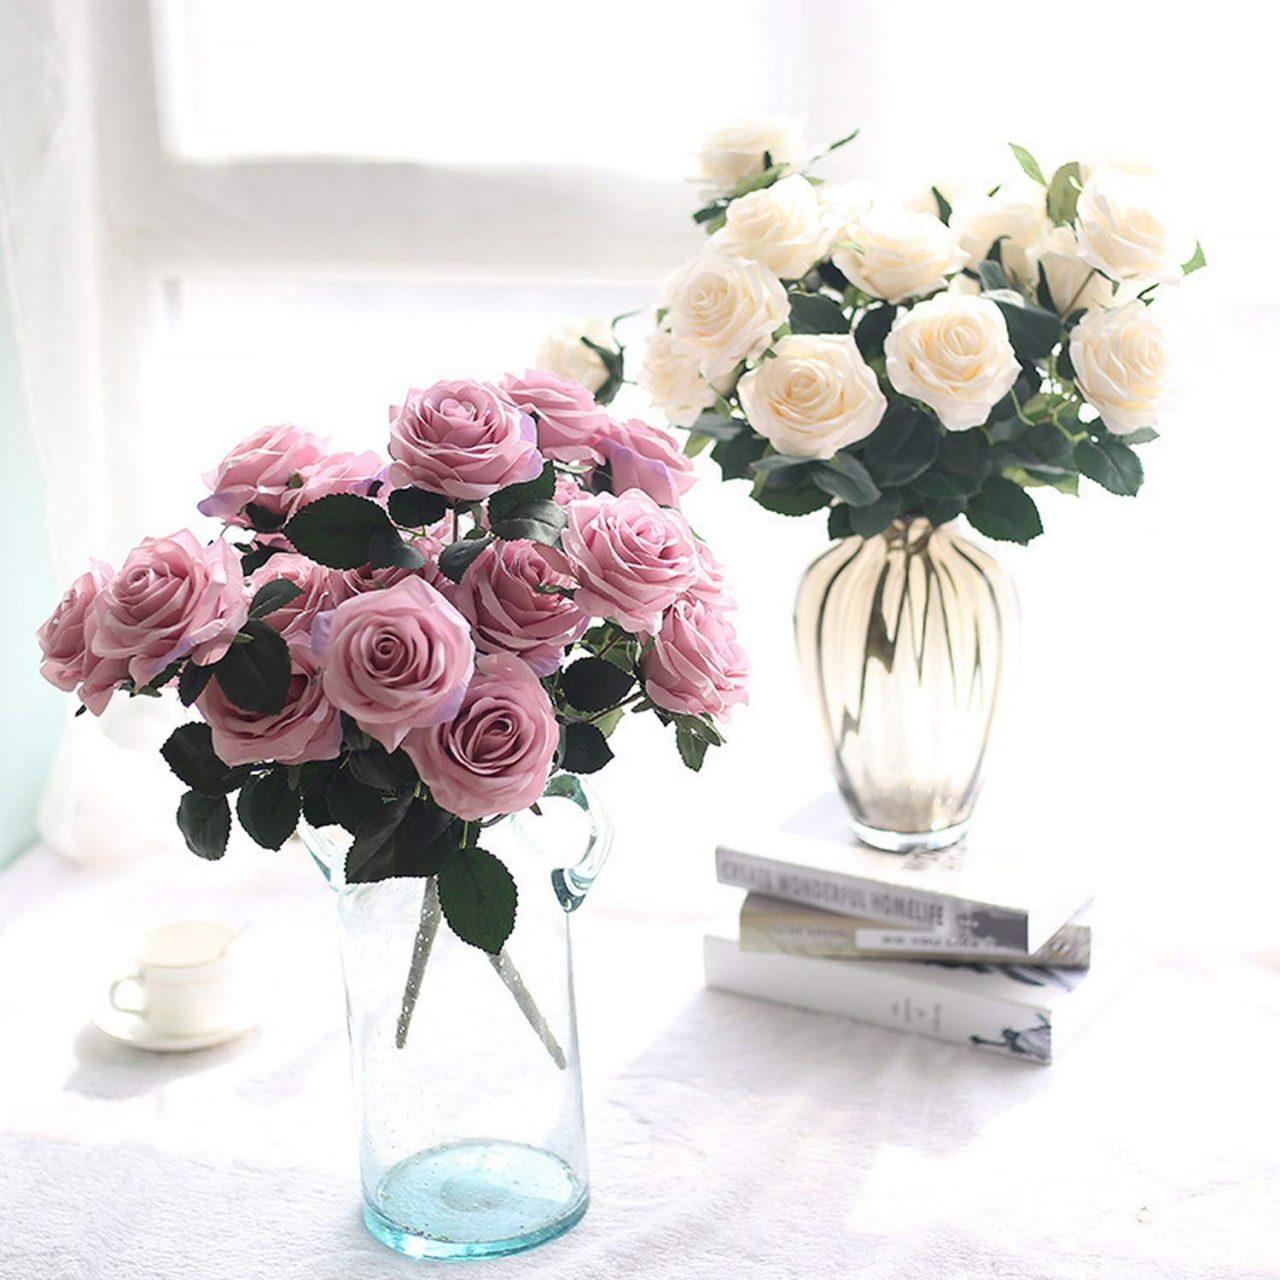 Những chậu hoa rực rỡ sẽ giúp không gian trở nên sống động hơn